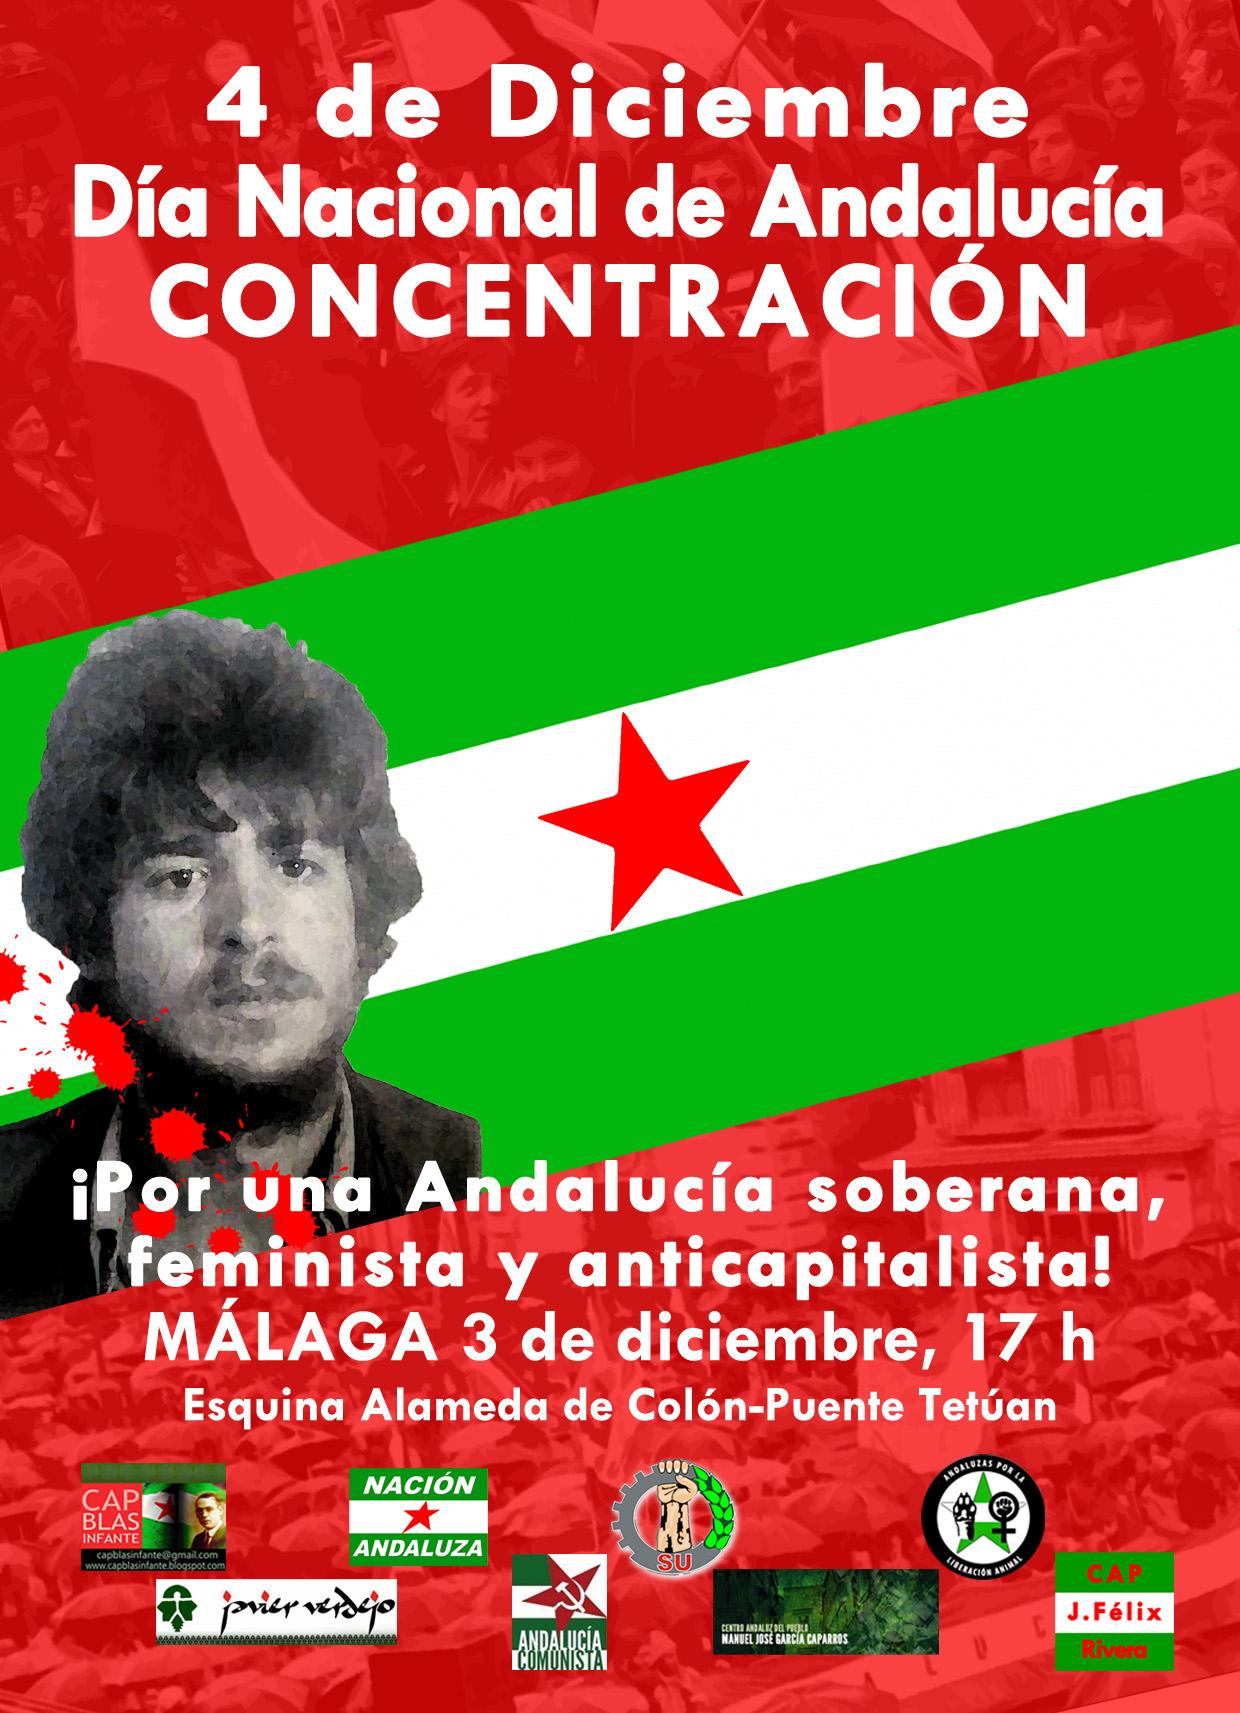 4 de Diciembre- Concentración por una Andalucía soberana, anticapitalista y feminista